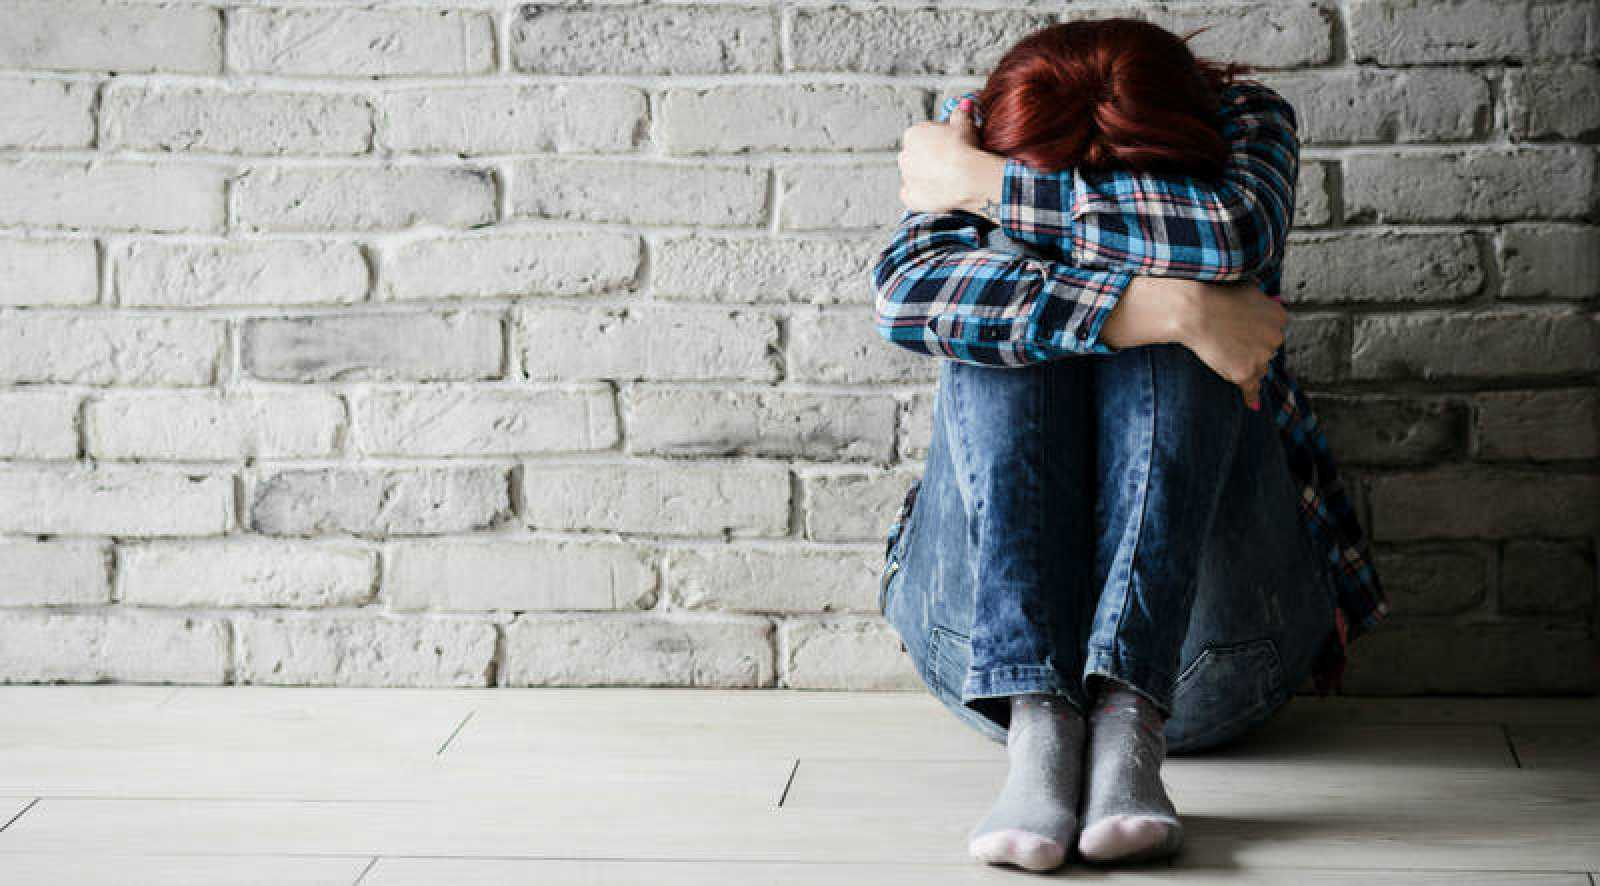 La mayoría de las mujeres víctimas de violencia machista no denunciaron a su agresor